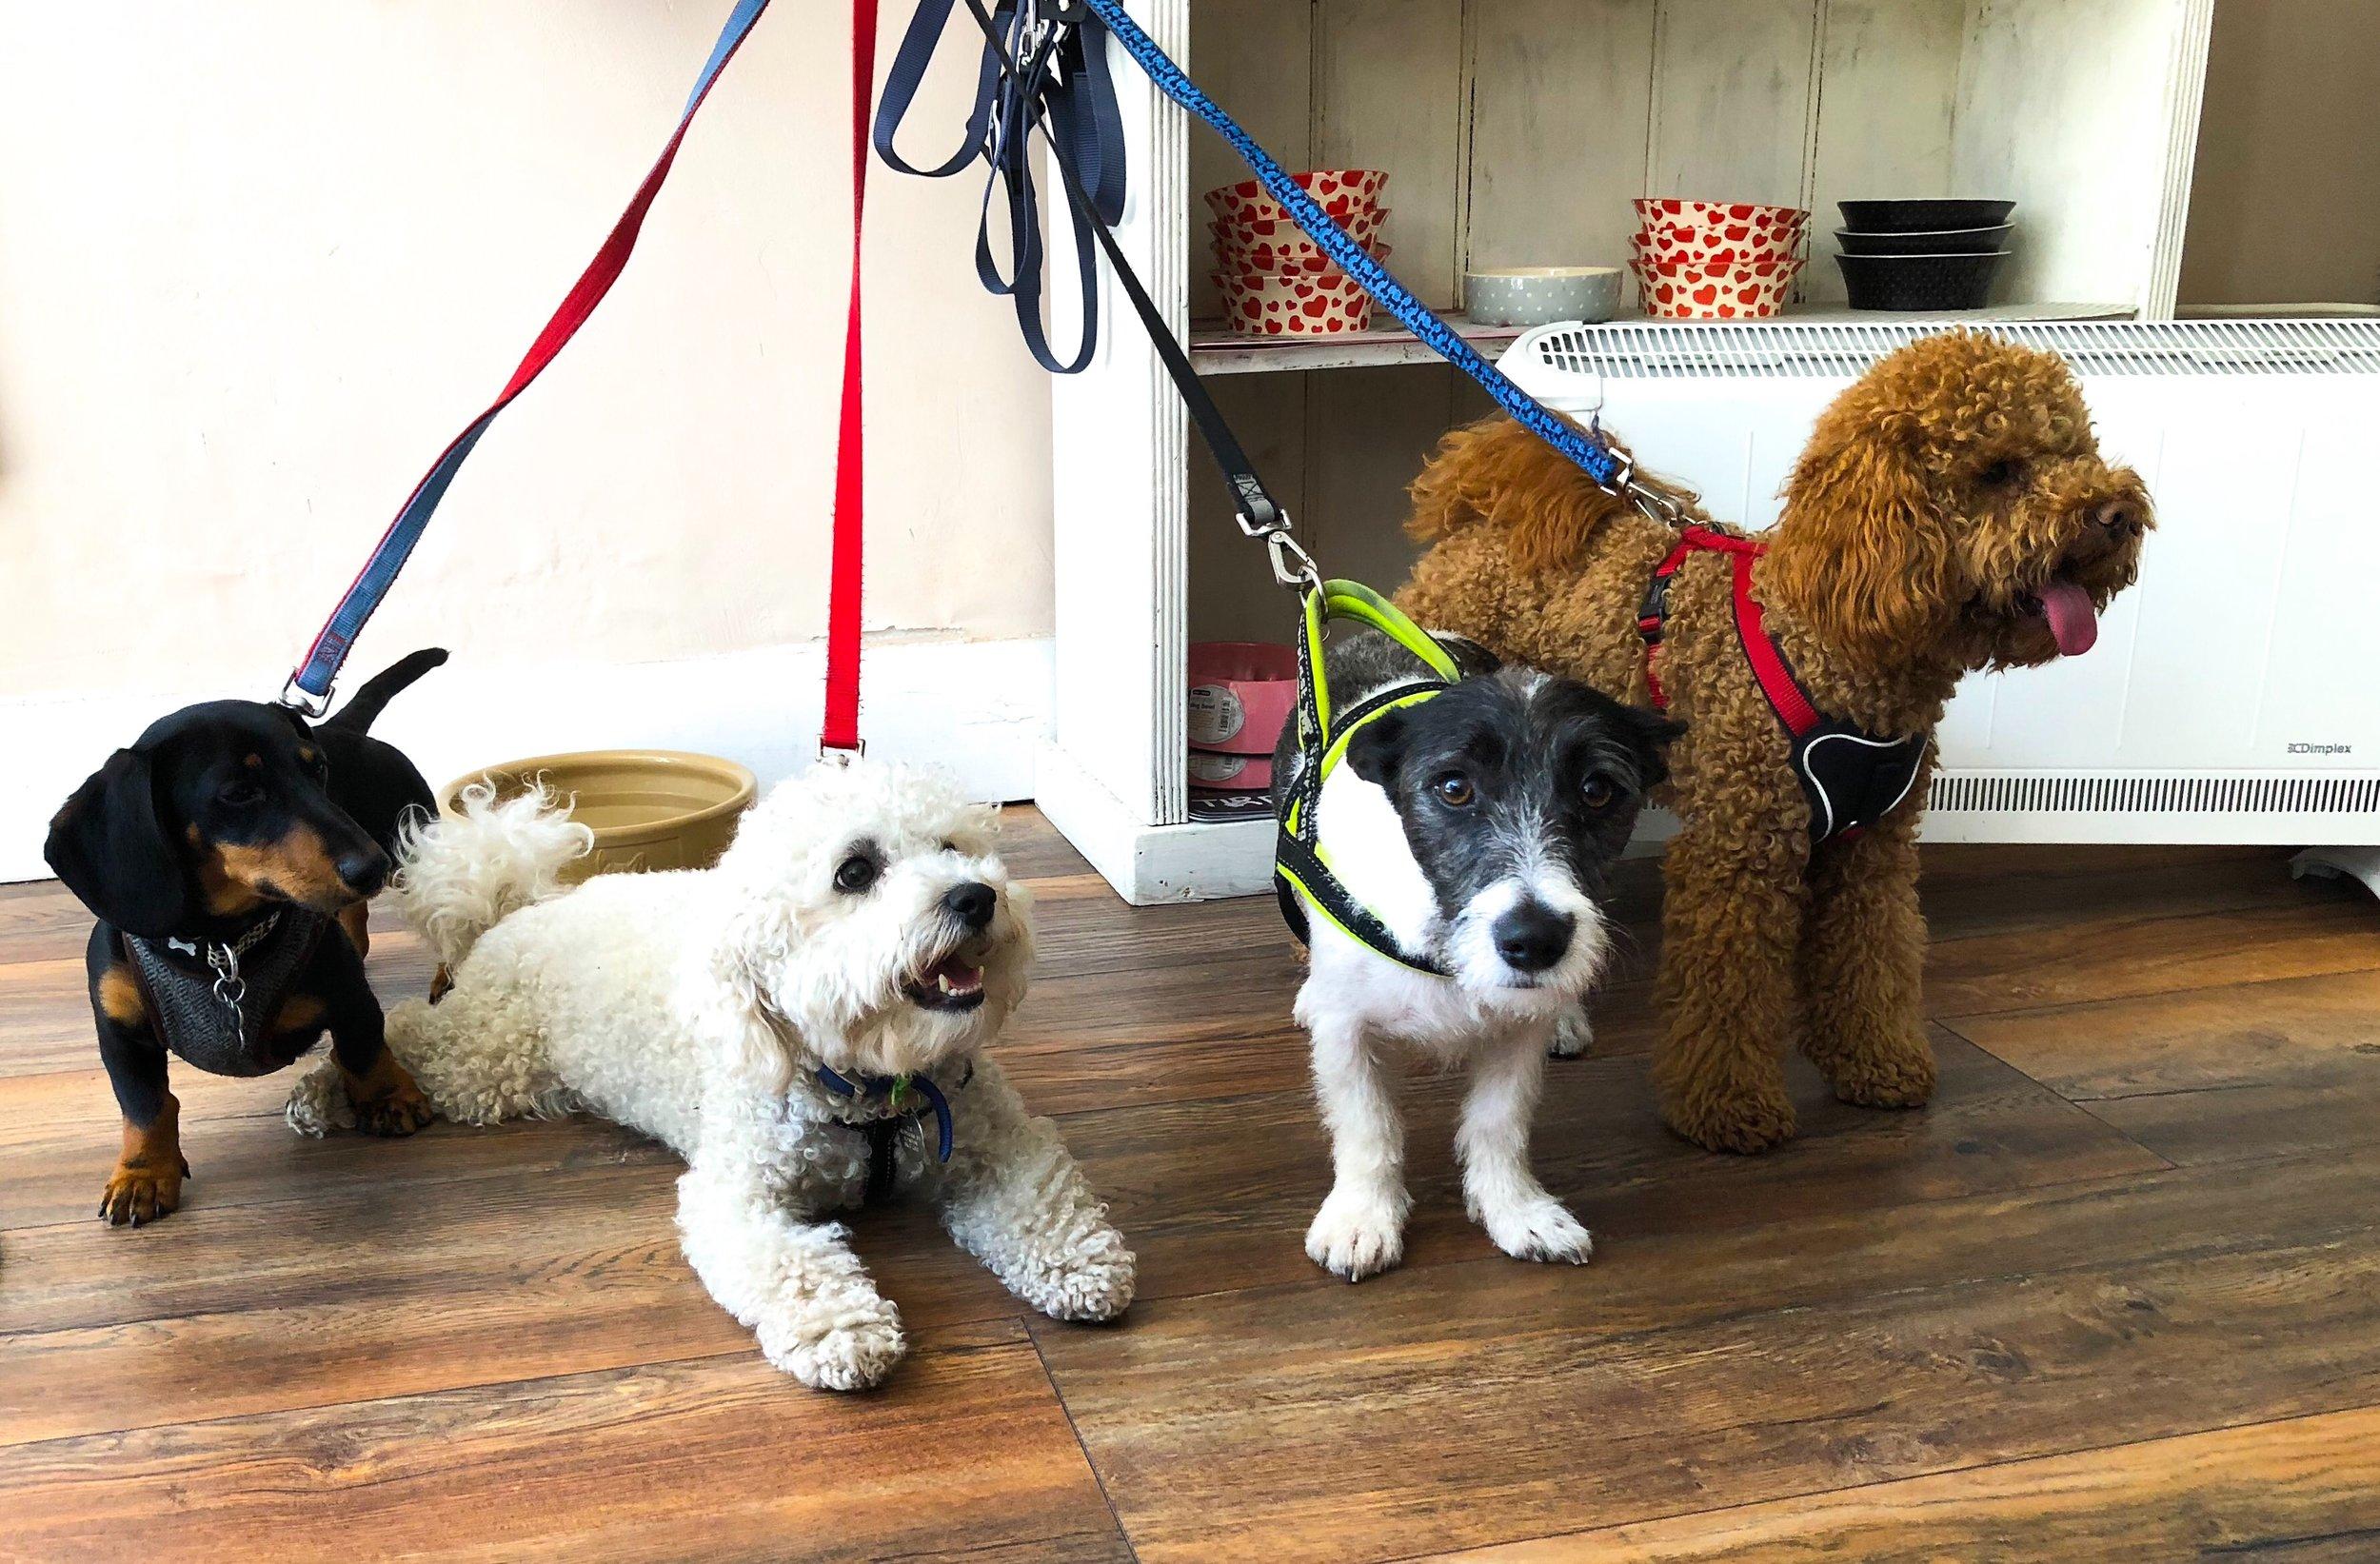 london dog day care